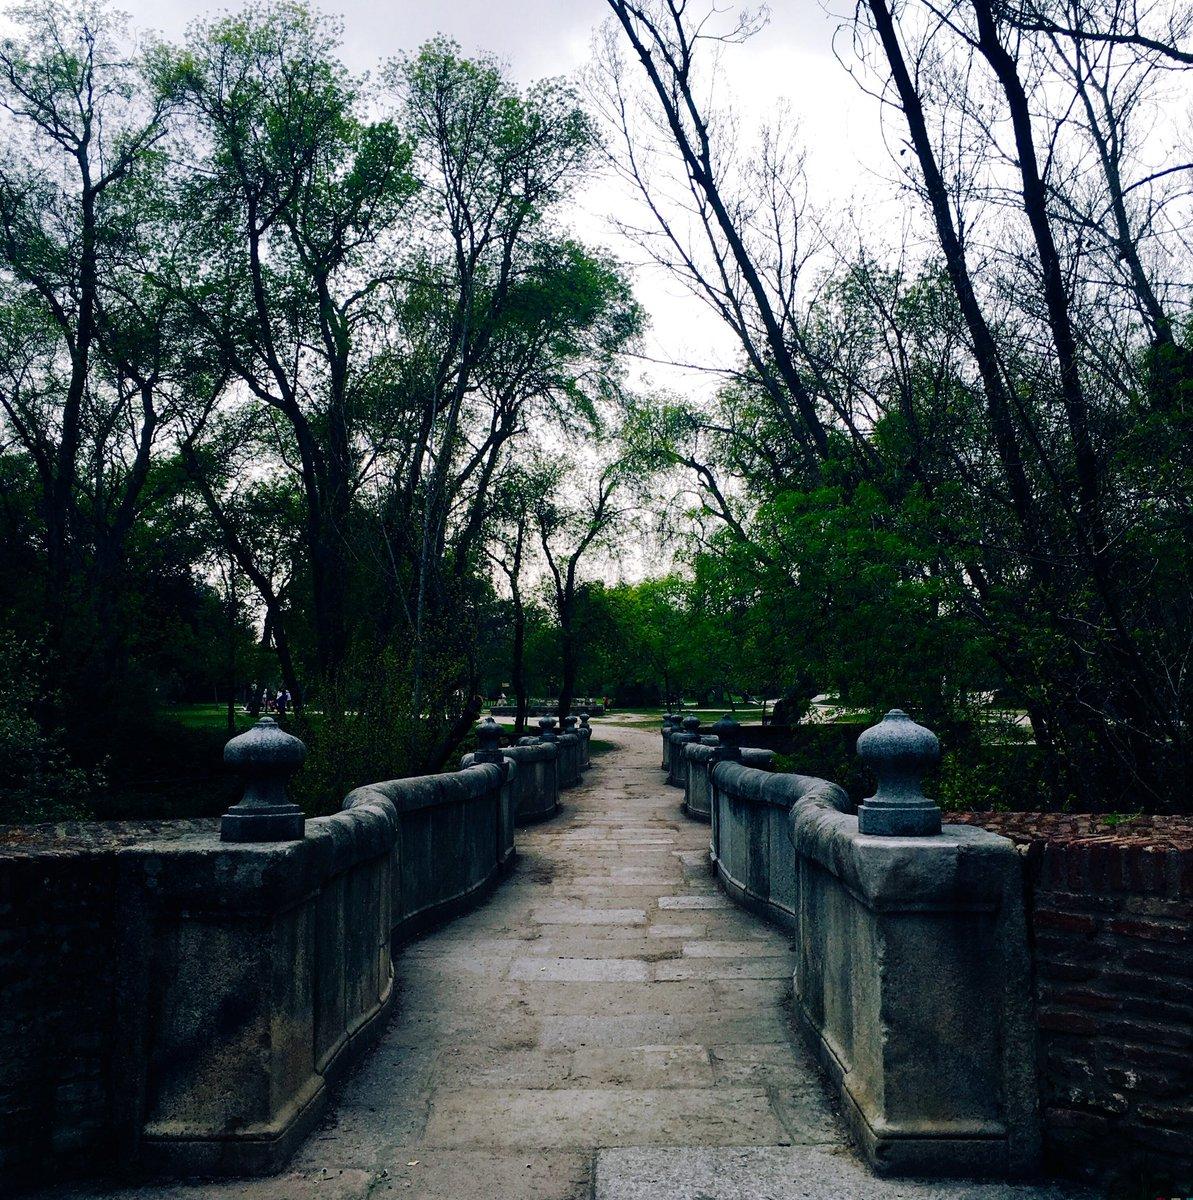 Fromthetree On Twitter El Puente De La Culebra Sobre El Arroyo